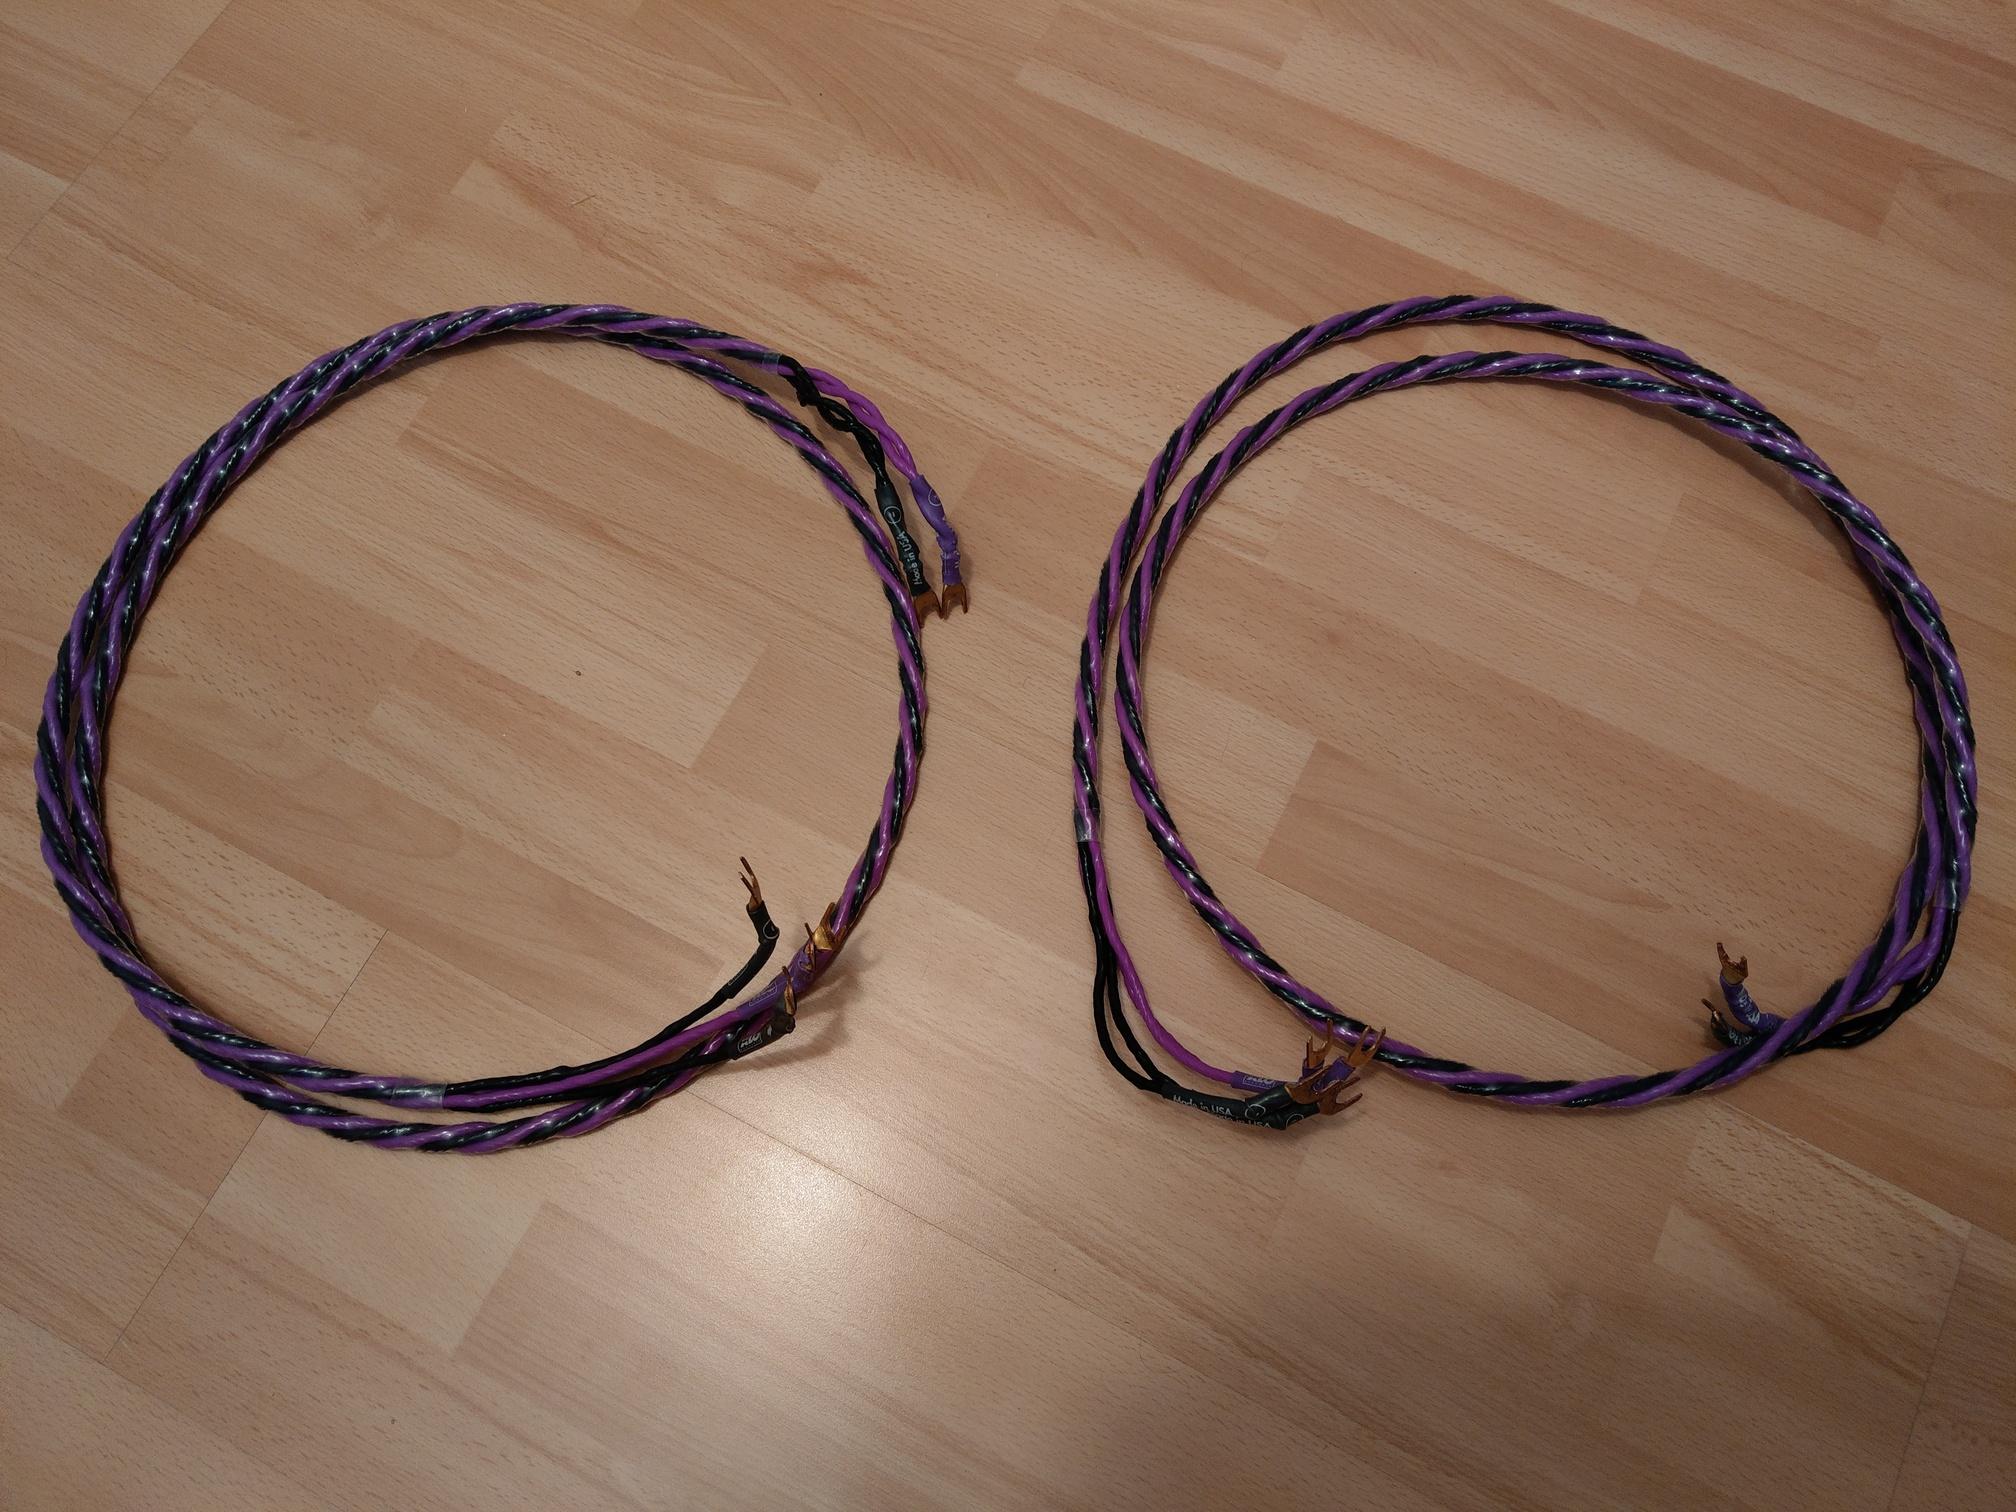 куплю кабель кемерово